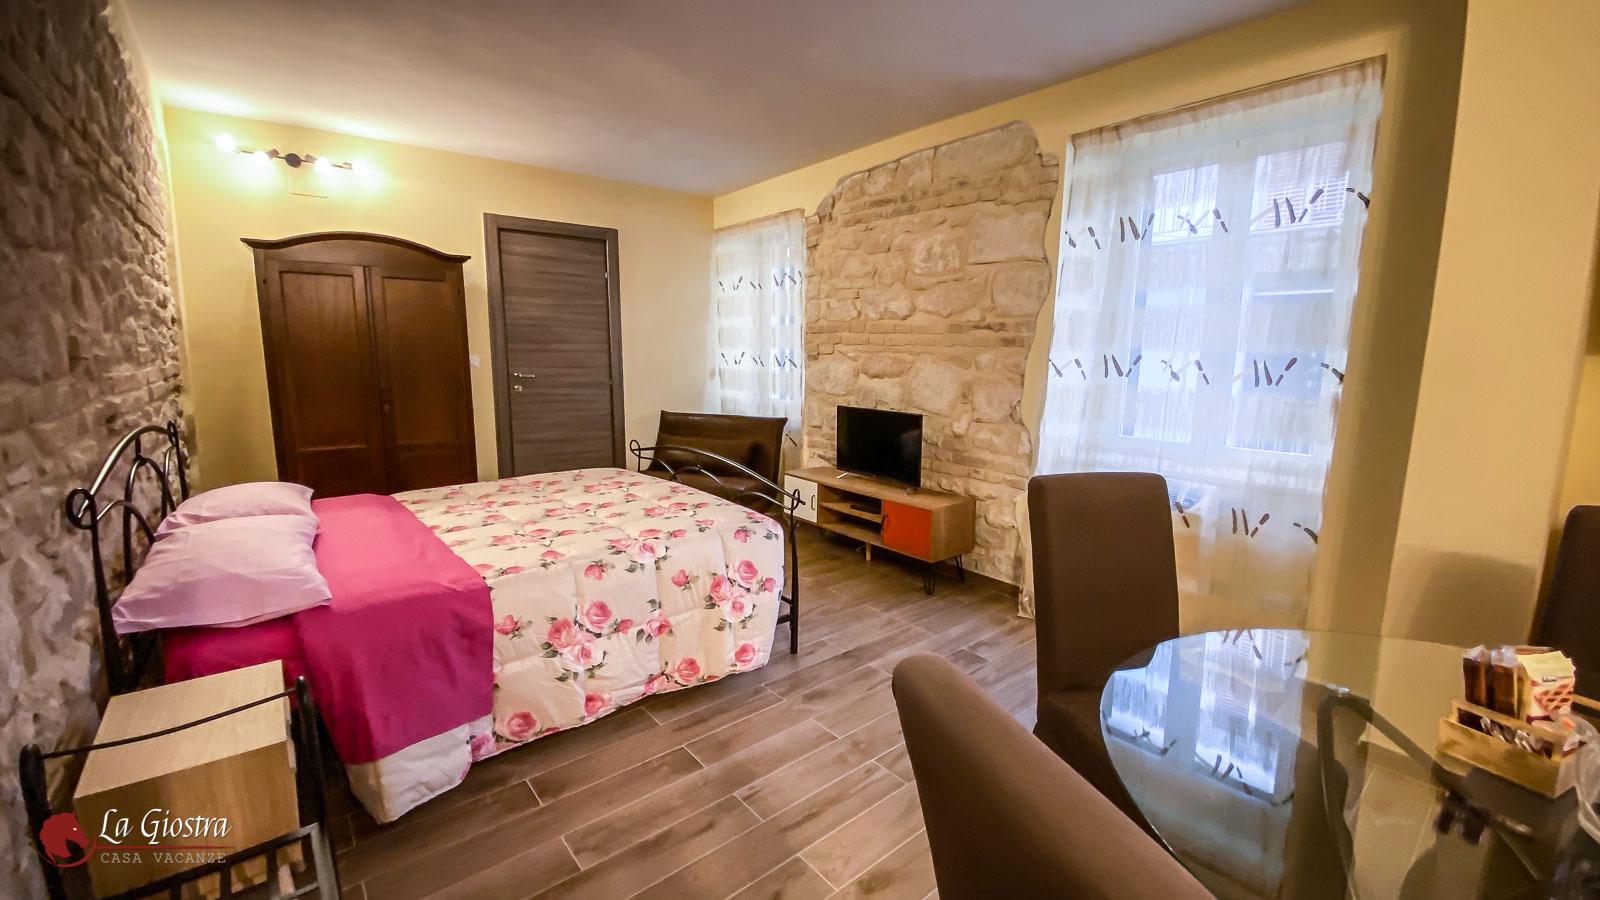 Casa Vacanze La Giostra